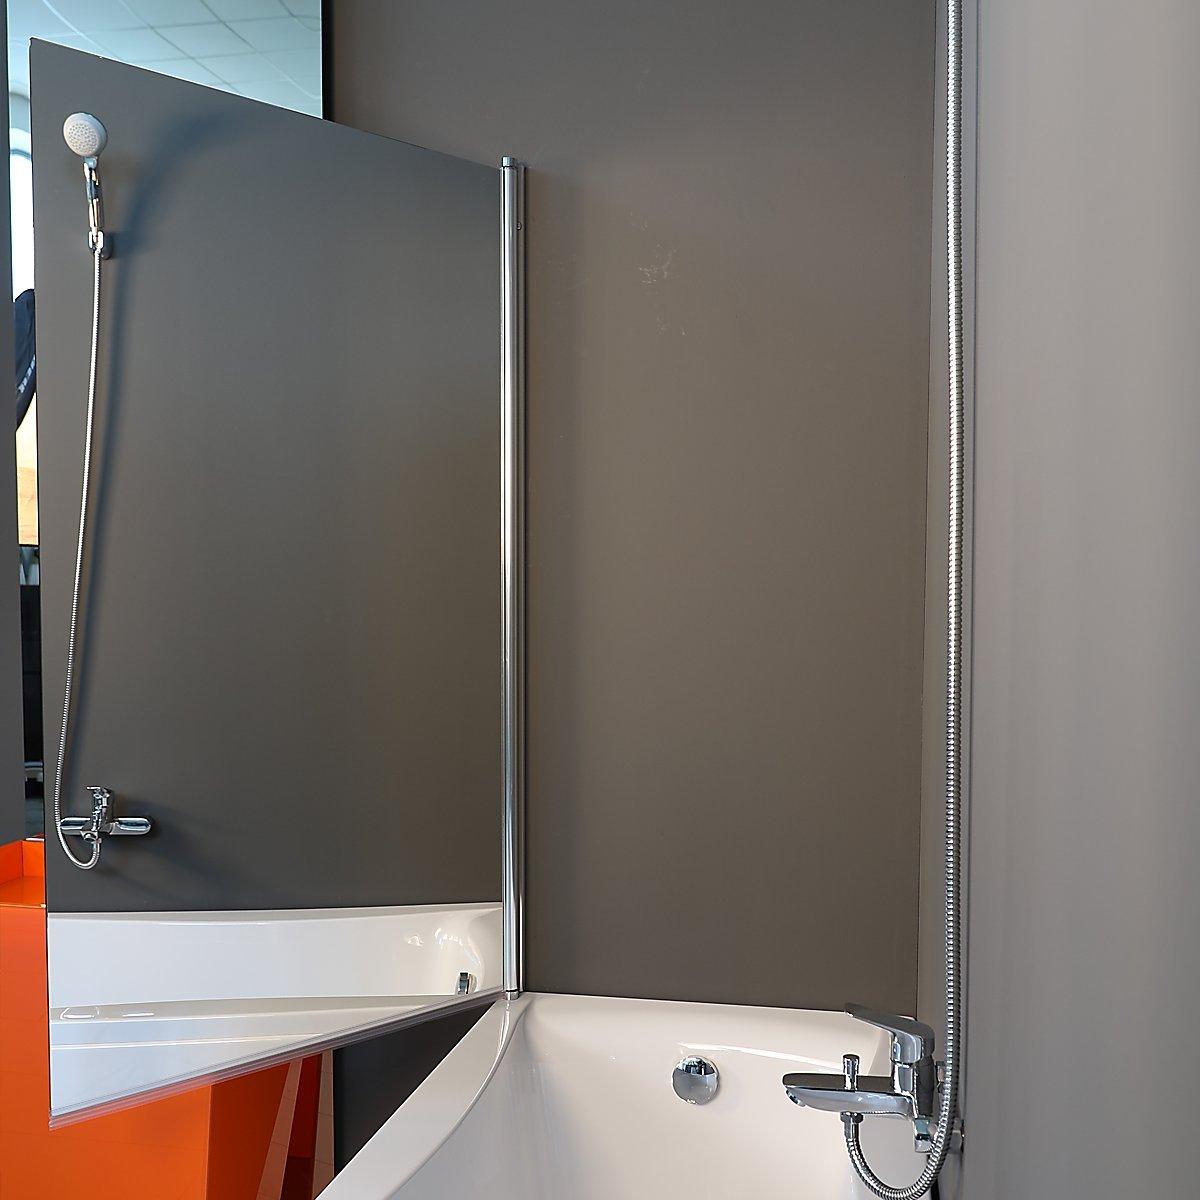 1400 x 800 mm ESPEJO LAMINADO Partición de Ducha Para el Baño Partición de Baño sin Marco Partición para Pañera Partición de Vidrio para Bañera: Amazon.es: Bricolaje y herramientas